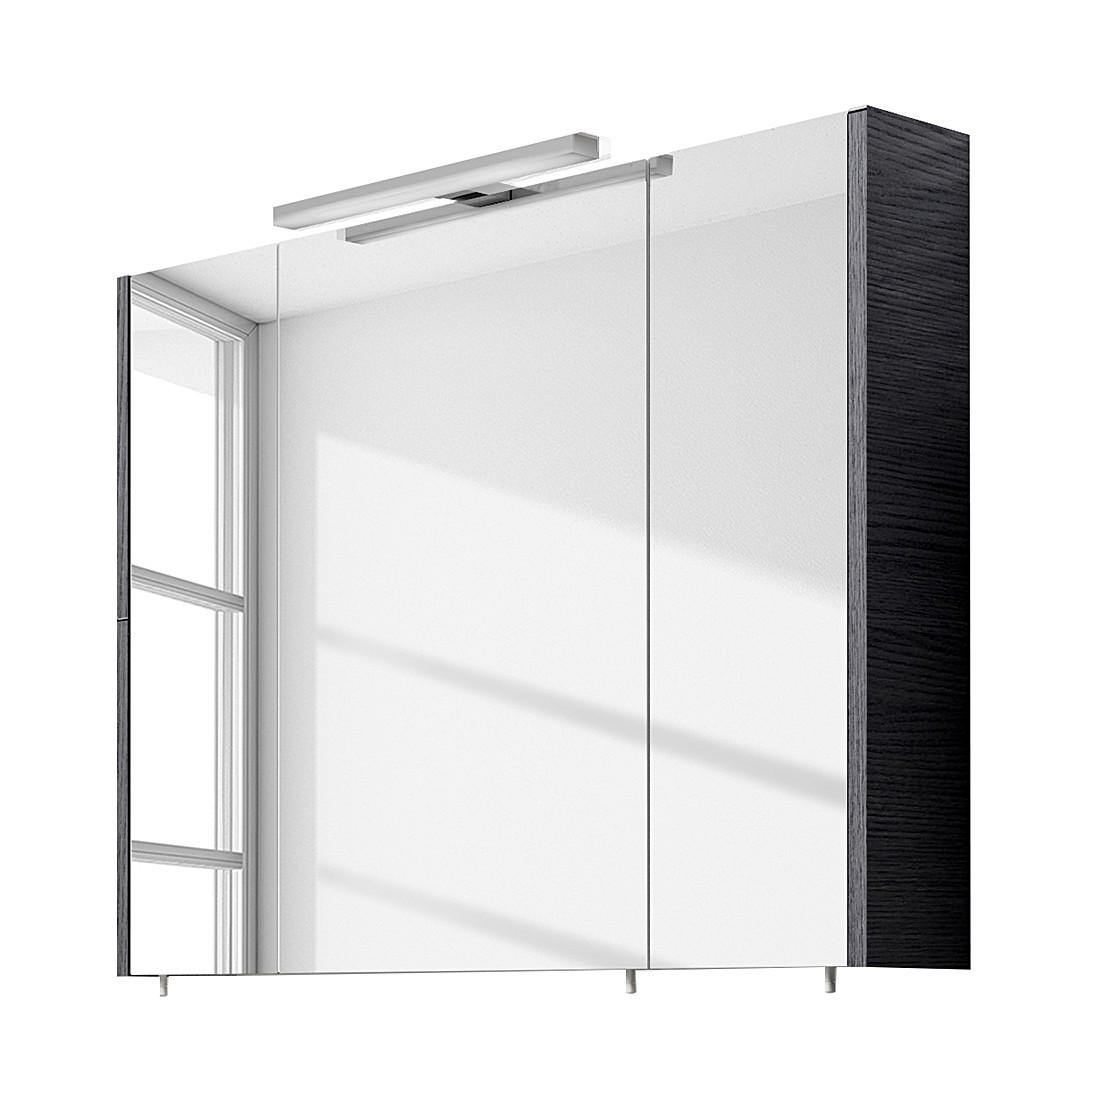 Spiegelschrank Rondino – Pinie-Anthrazit, 80 cm, Aqua Suite online kaufen